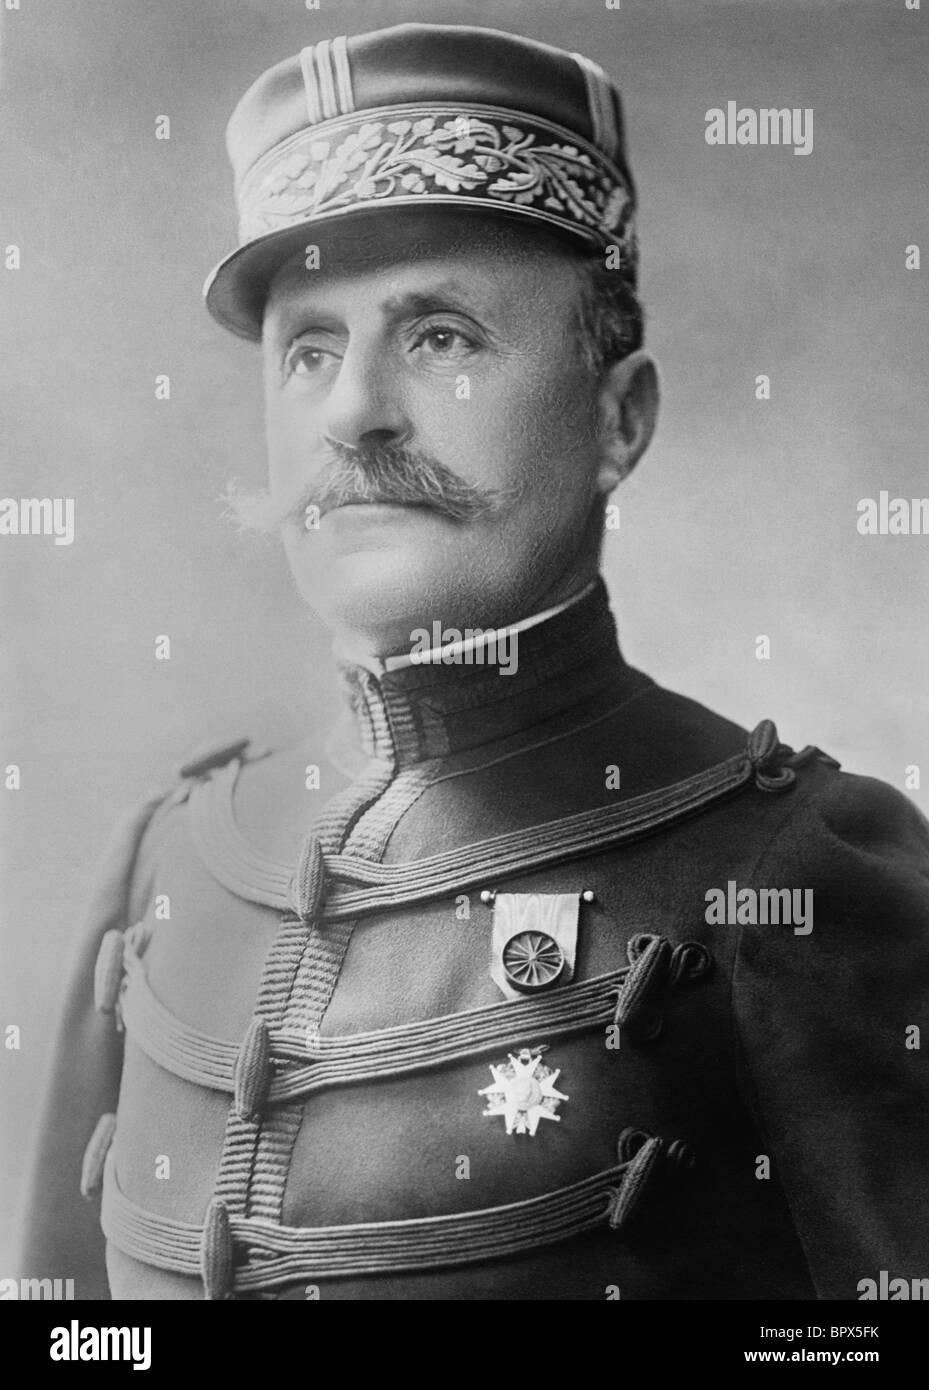 O To Ww Bing Comsquare Root 123: Porträt C1918 Der Französischen WW1 General Ferdinand Foch